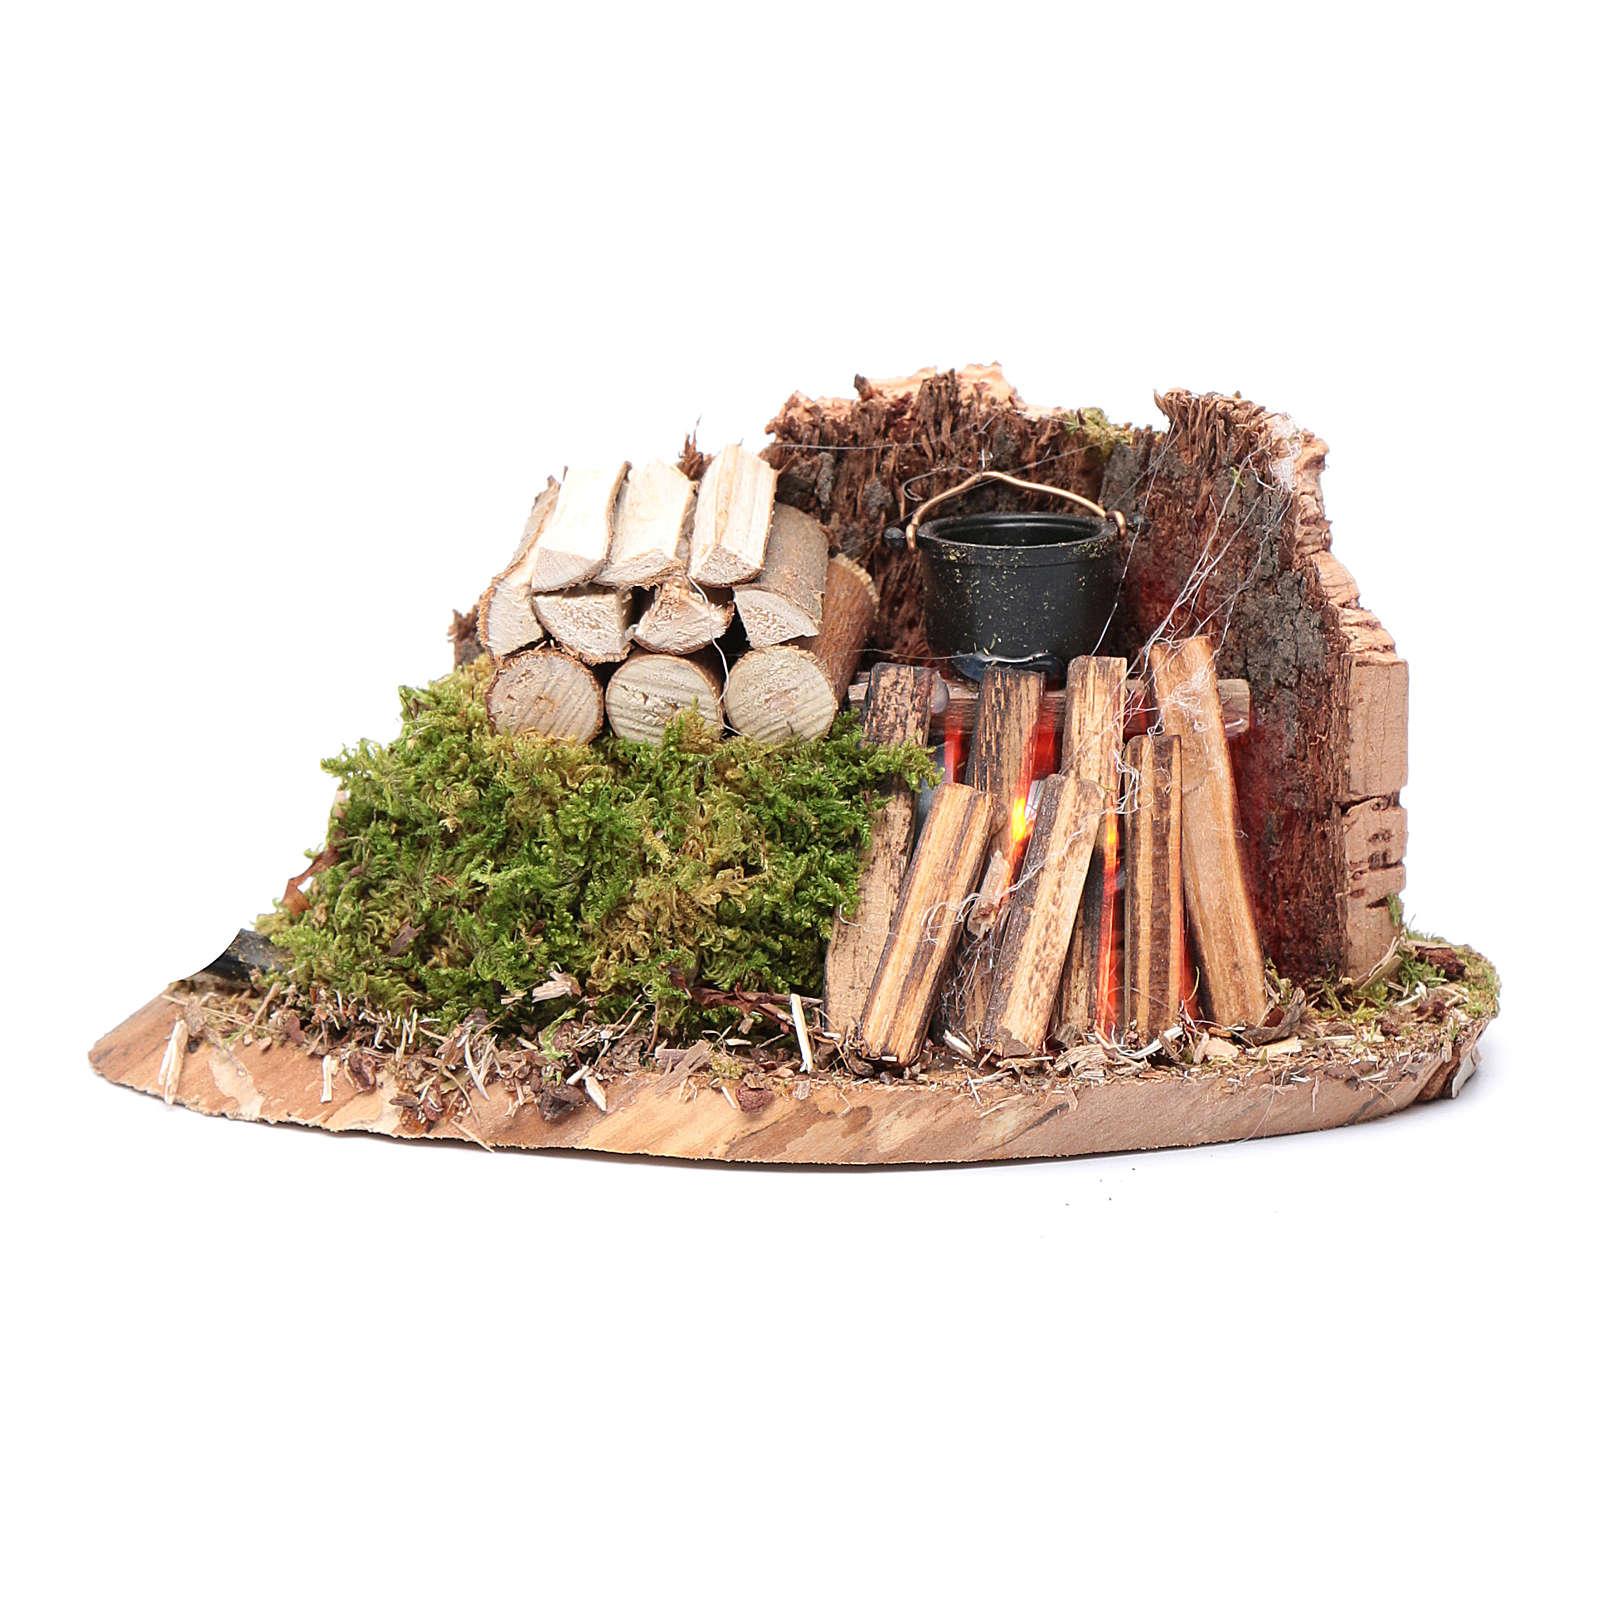 Pentola su fuoco con legna e parete di sughero 5x15x5 cm 4